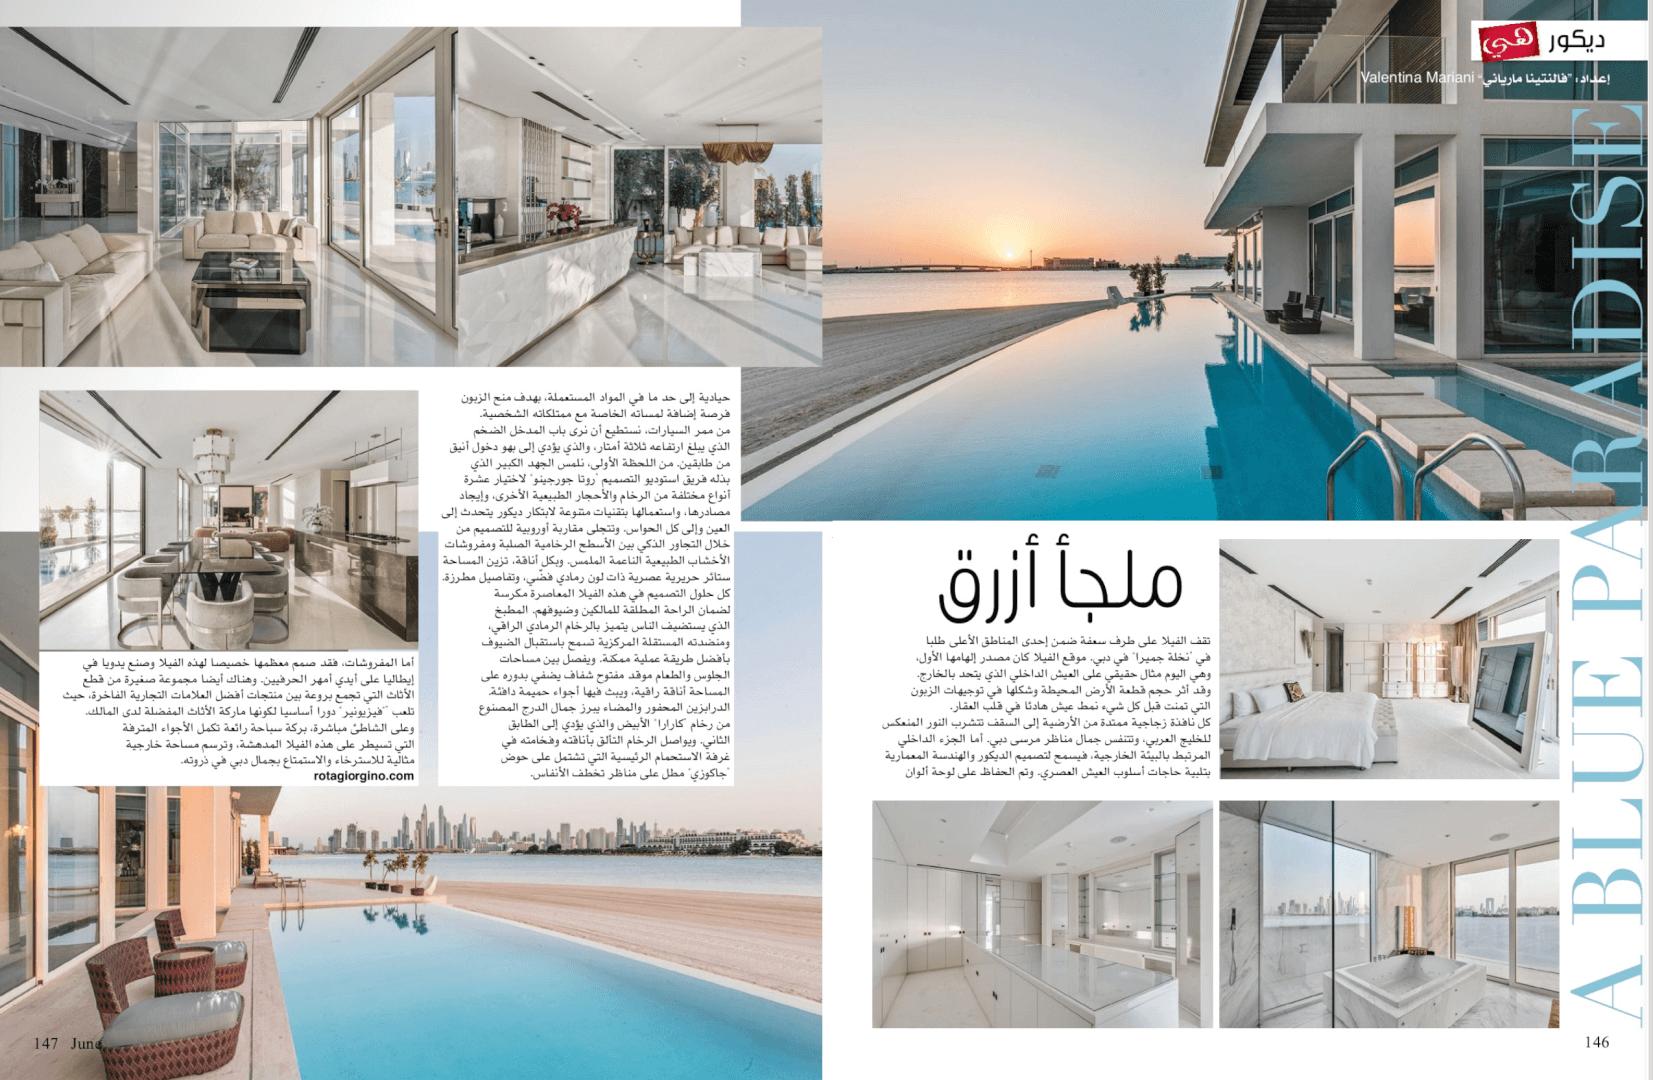 Sea villa interior design